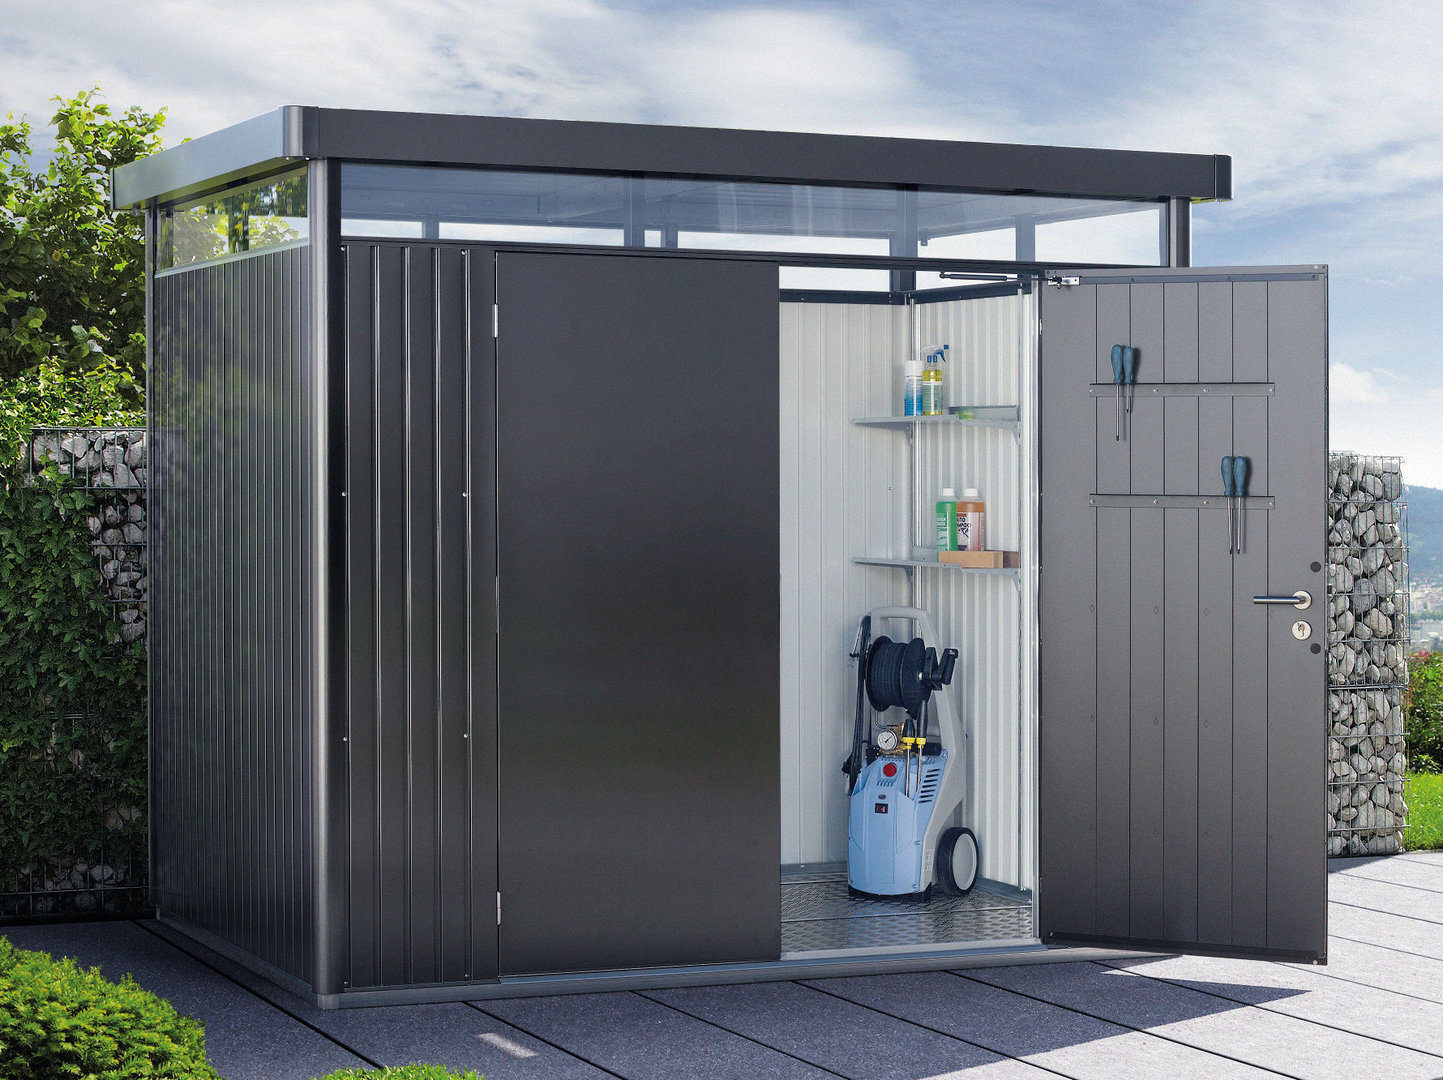 Casetta Giardino In Alluminio : Casetta highline biohort porta doppia fornari outdoor design rieti